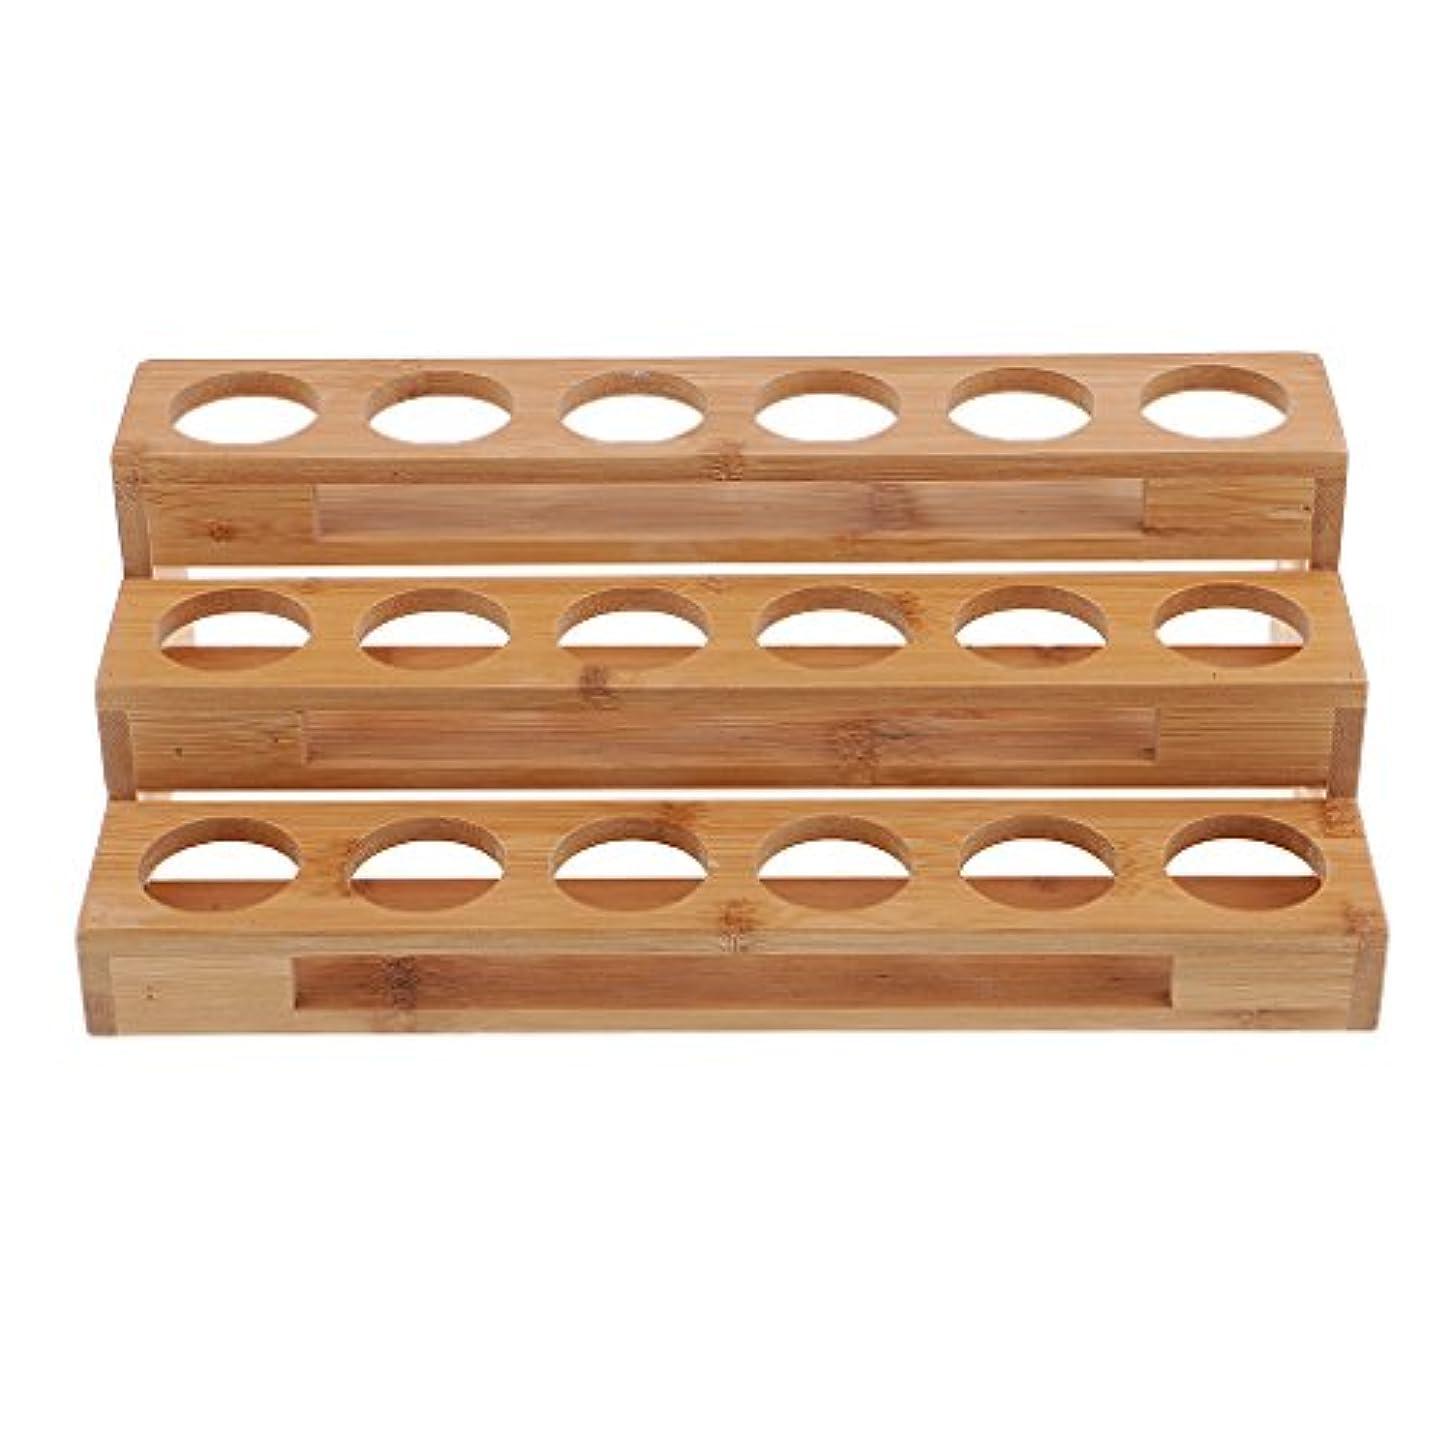 喜劇ジョージスティーブンソン作曲するエッセンシャルオイル 精油収納 展示スタンド 展示ラック ディスプレイラック 木製 18ホール